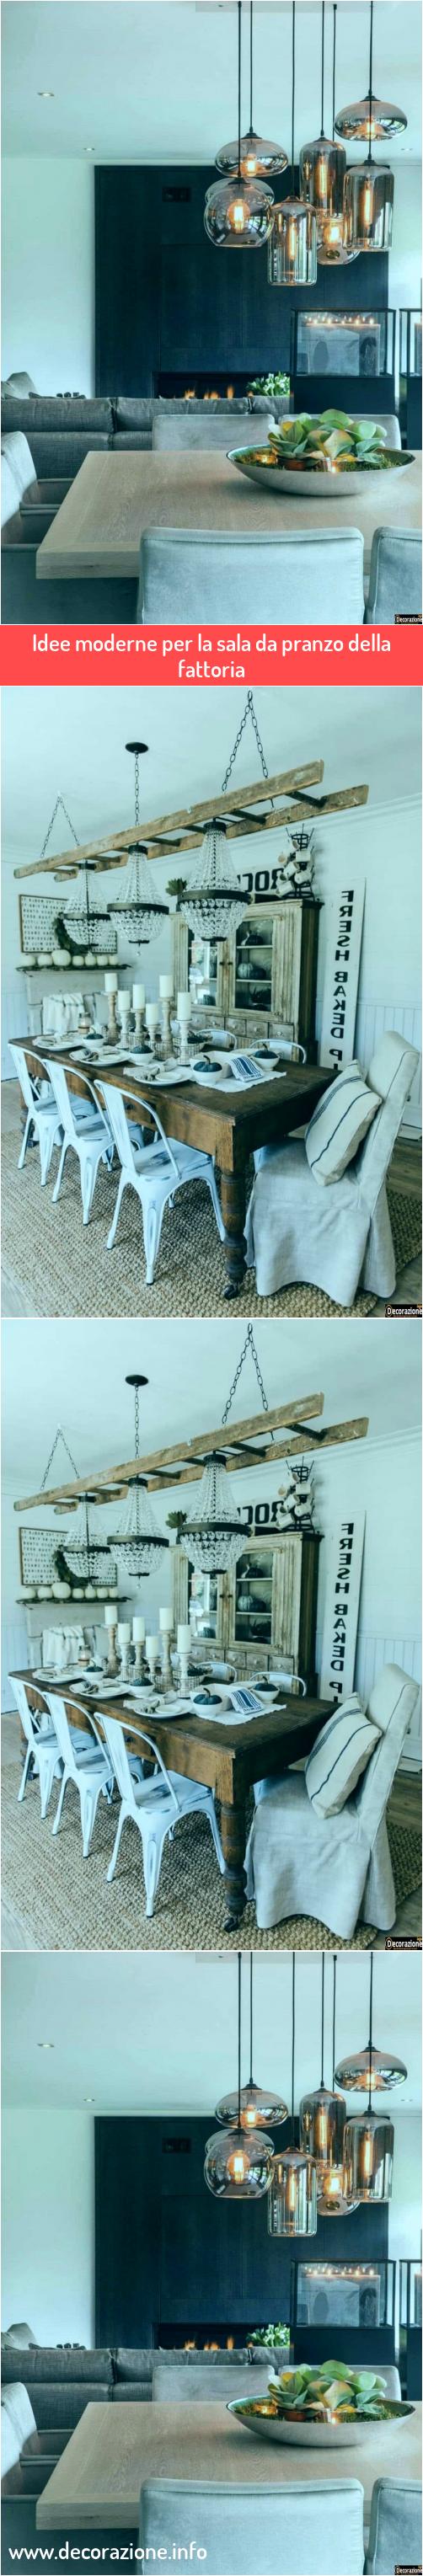 Idee moderne per la sala da pranzo della fattoria nel 2020 ...